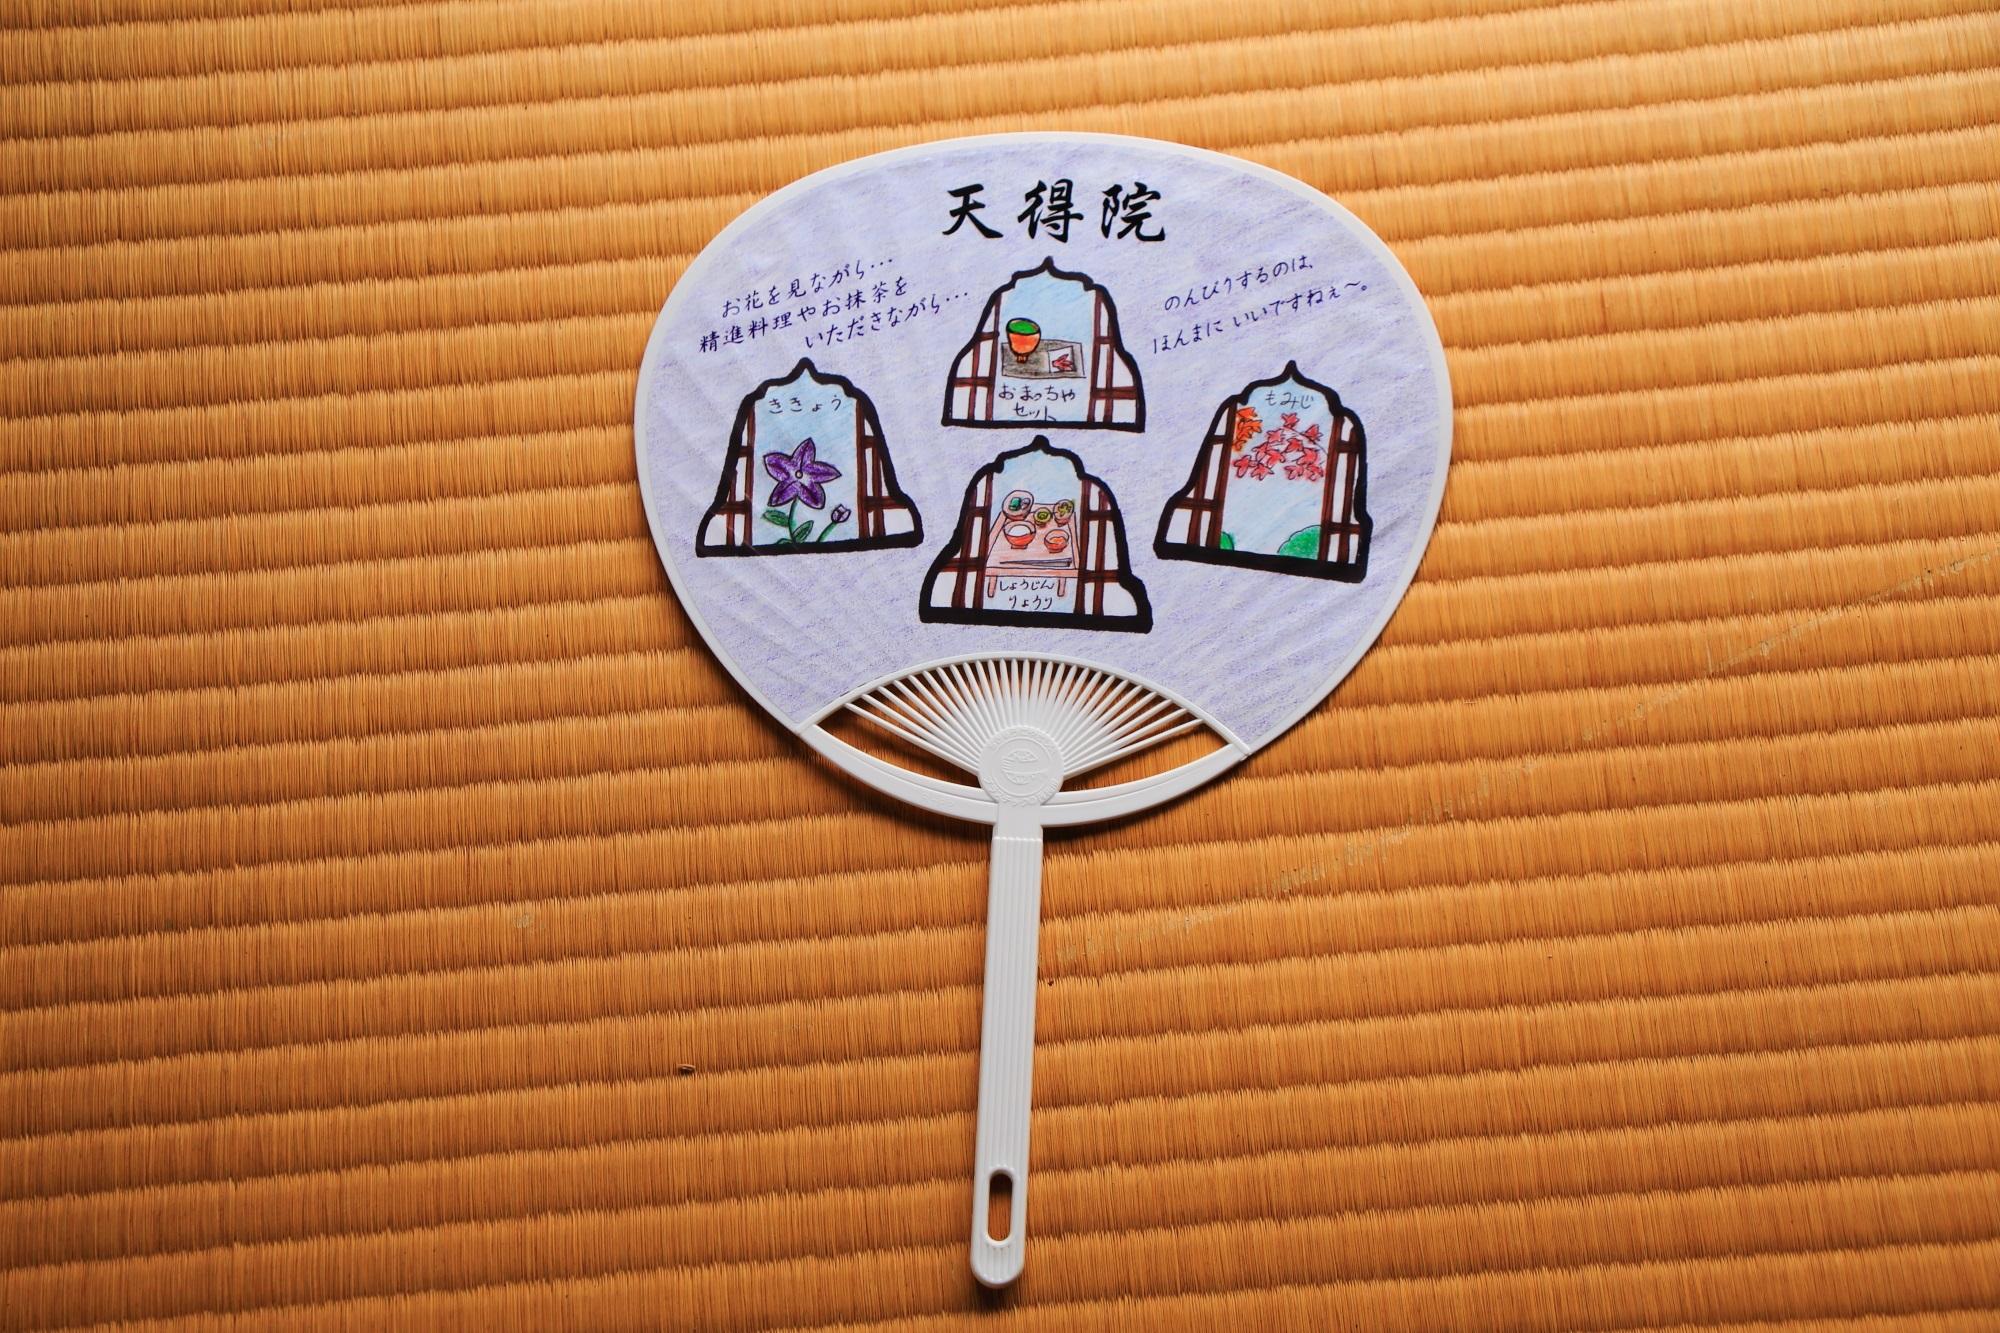 東福寺天得院で拝観すると貰える団扇